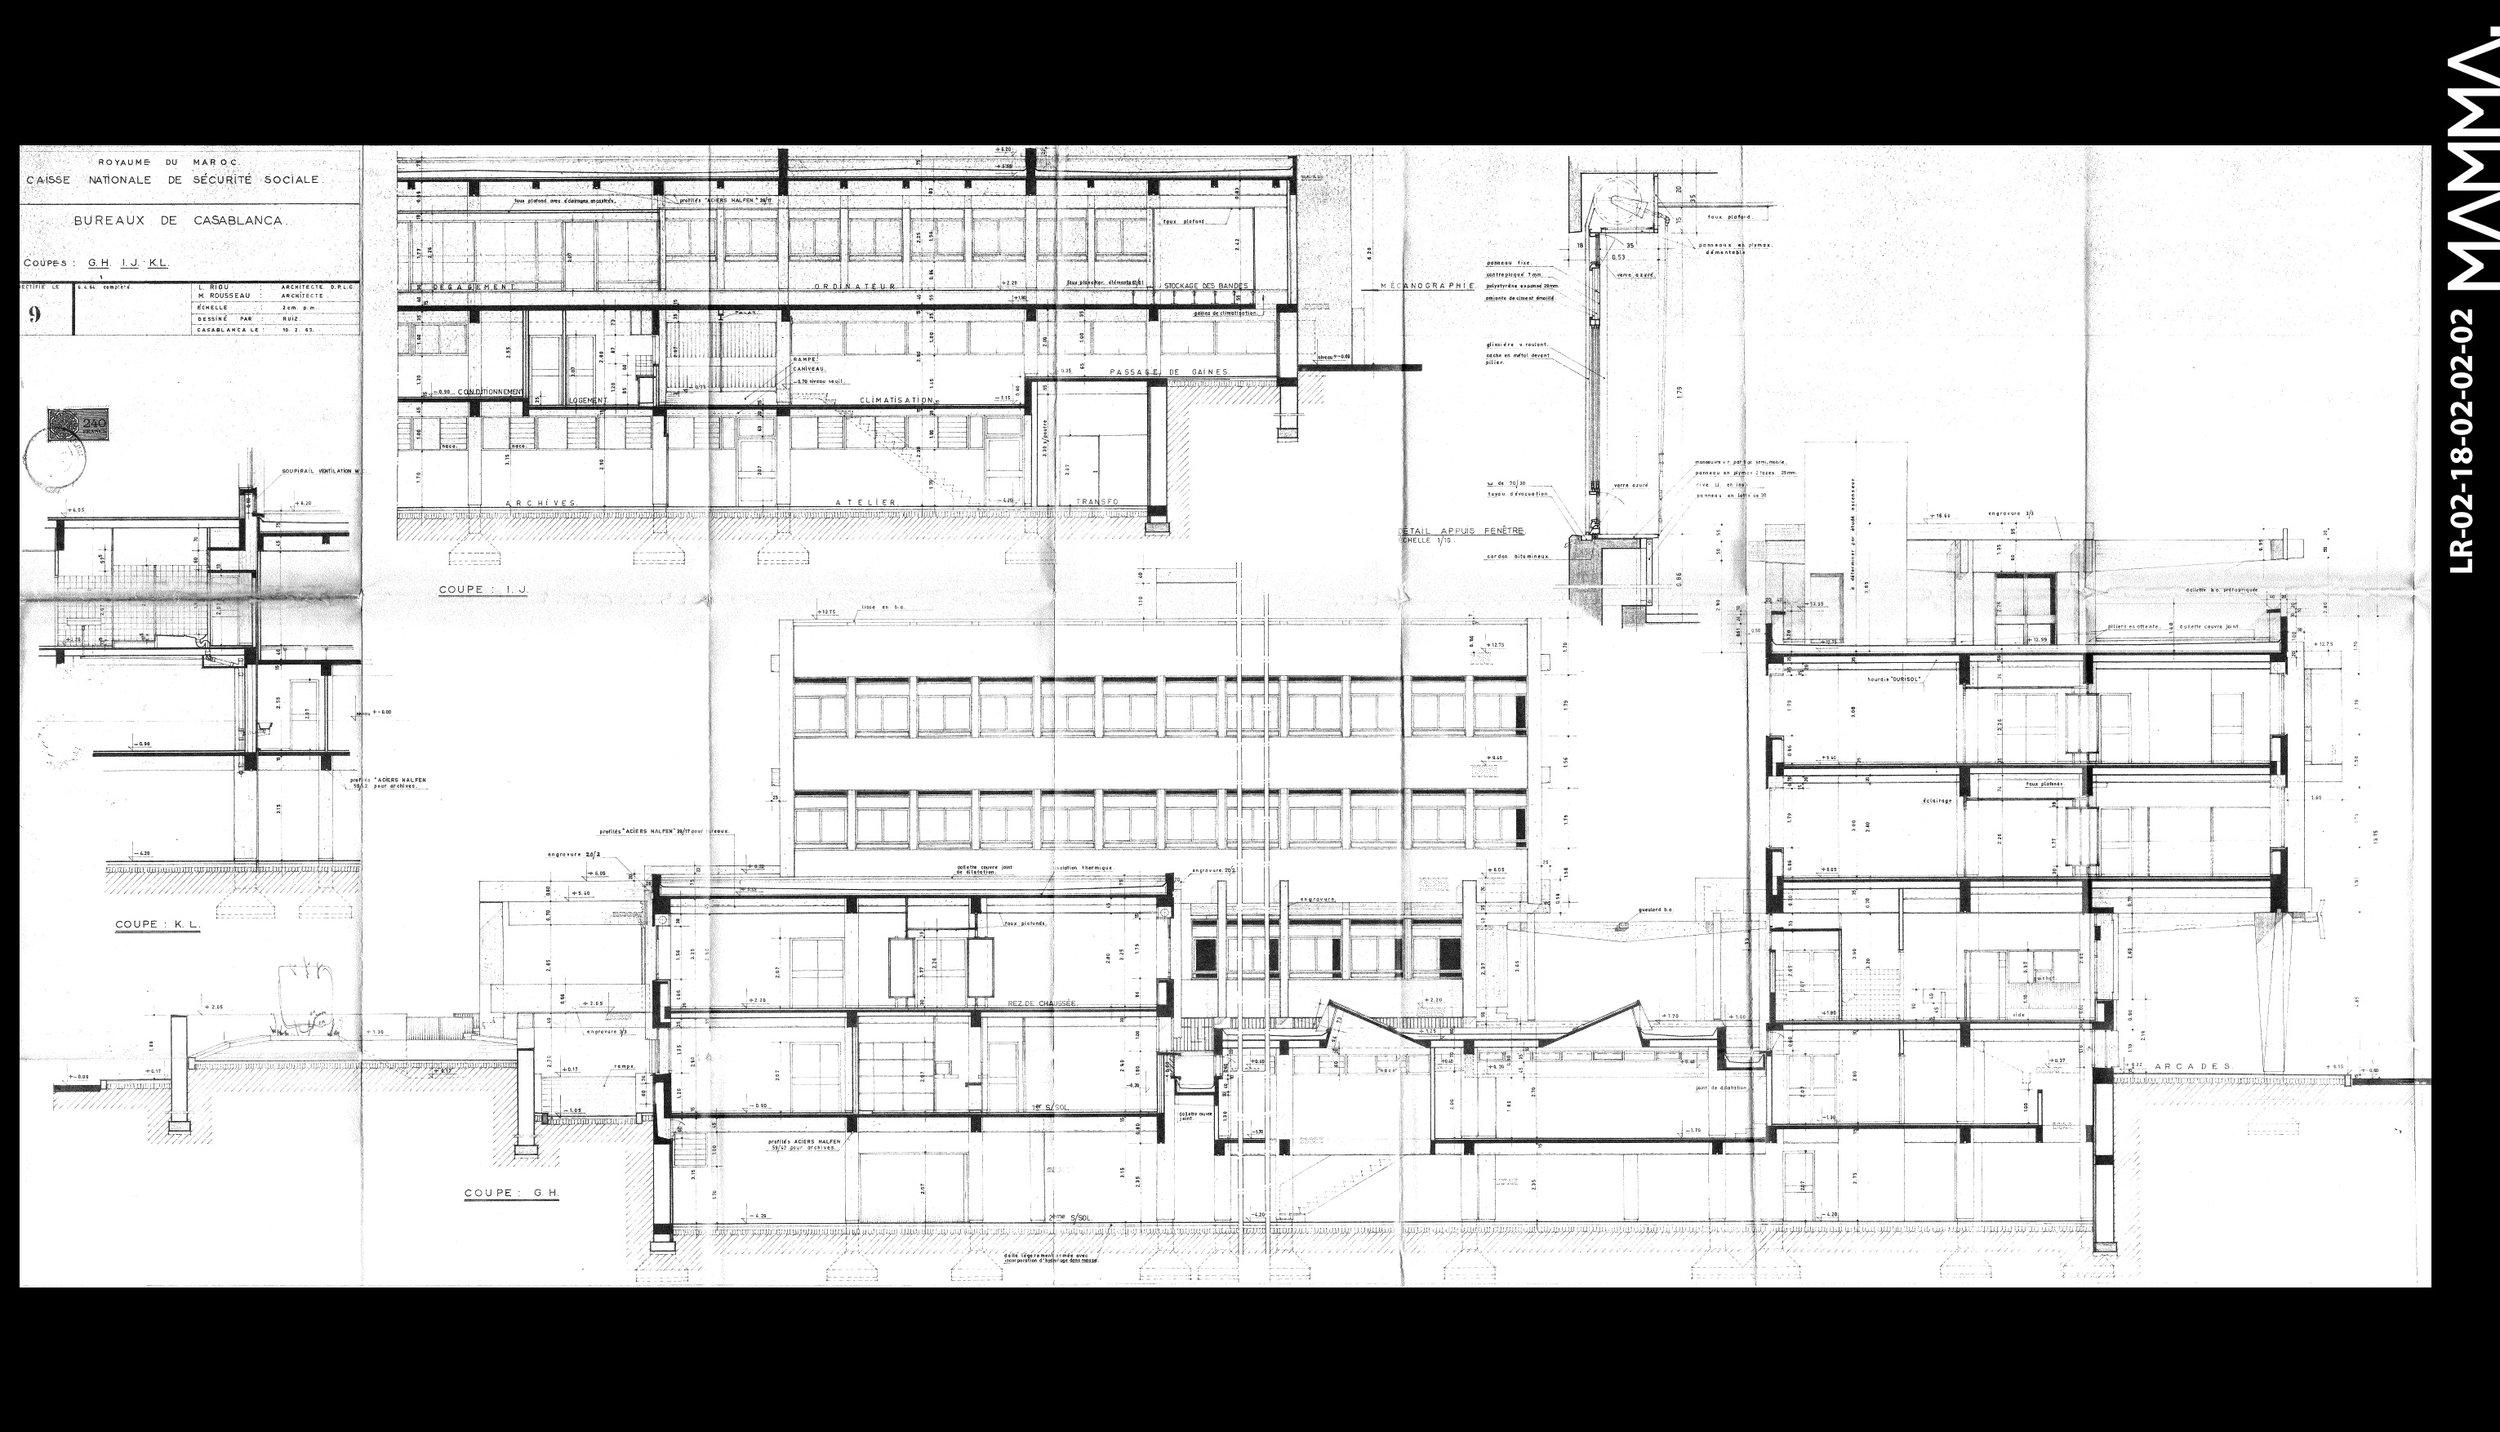 1963-Caisse National de Sécurité Social (CNSS) à Casablanca   Agence: L. Riou - M. Rousseau  Contenu: Coupes  Dimensions: 146,4 x 67,8 cm      © MAMMAARCHIVE   Réf: MAMMA- LR-02-18-02-02-02